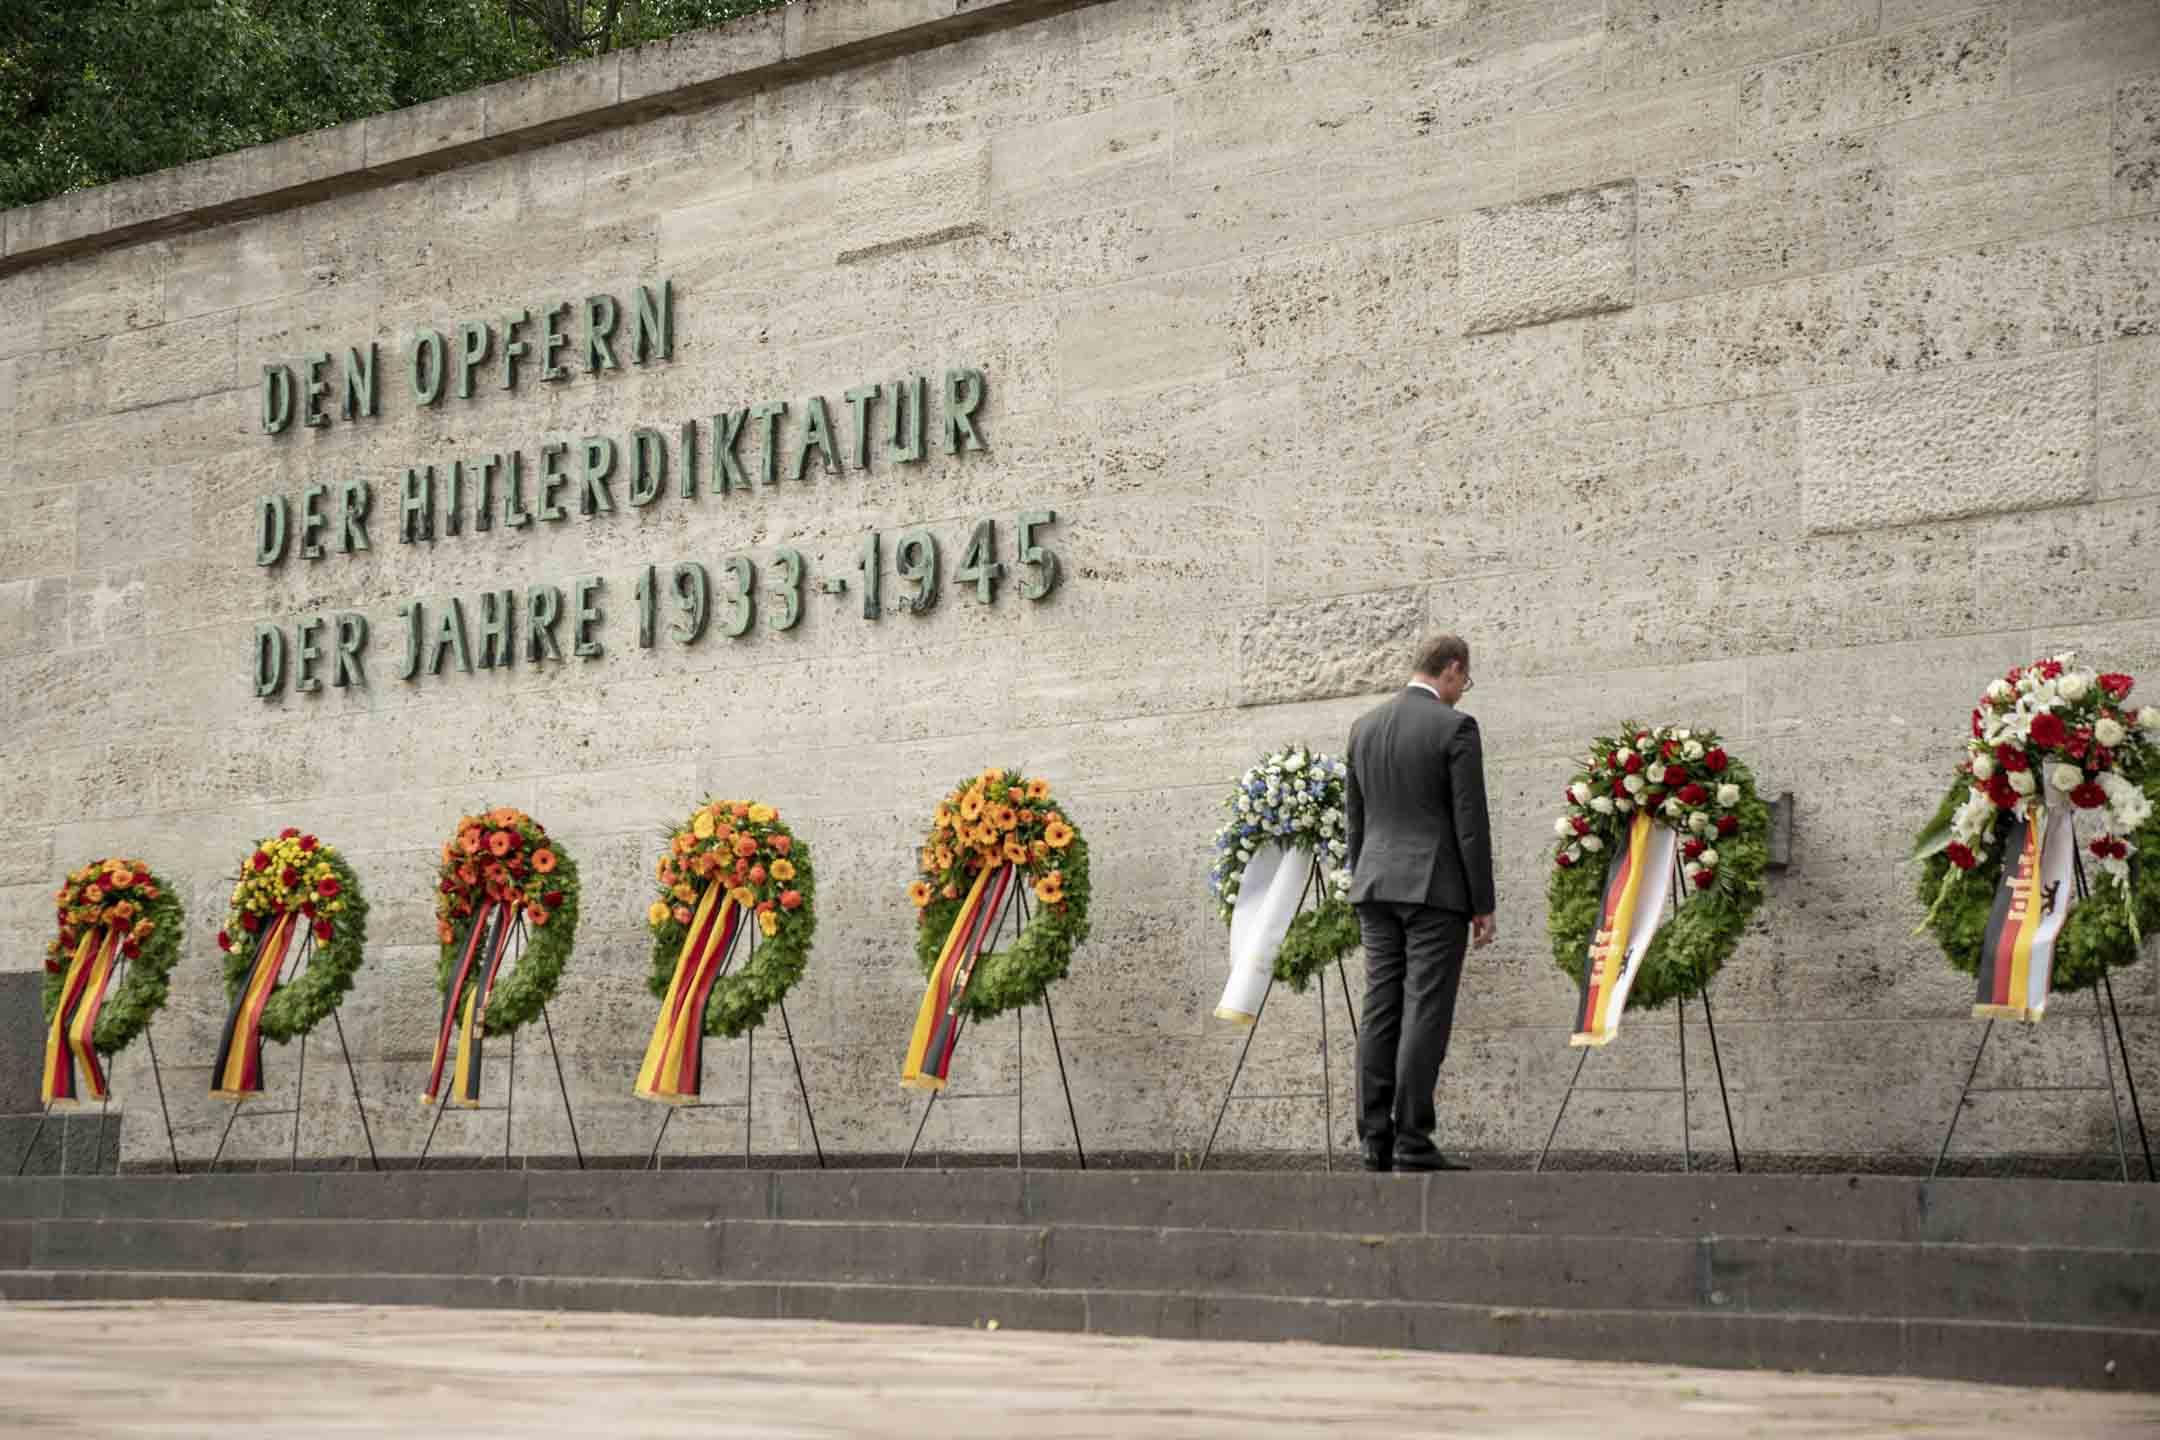 2020年7月20日,柏林市市長邁克爾·邁勒站在普爾岑湖紀念館進行獻花,悼念1944年7月20日對希特勒的暗殺未遂事件。 攝:Michael Kappeler / picture-alliance / dpa /AP/達志影像